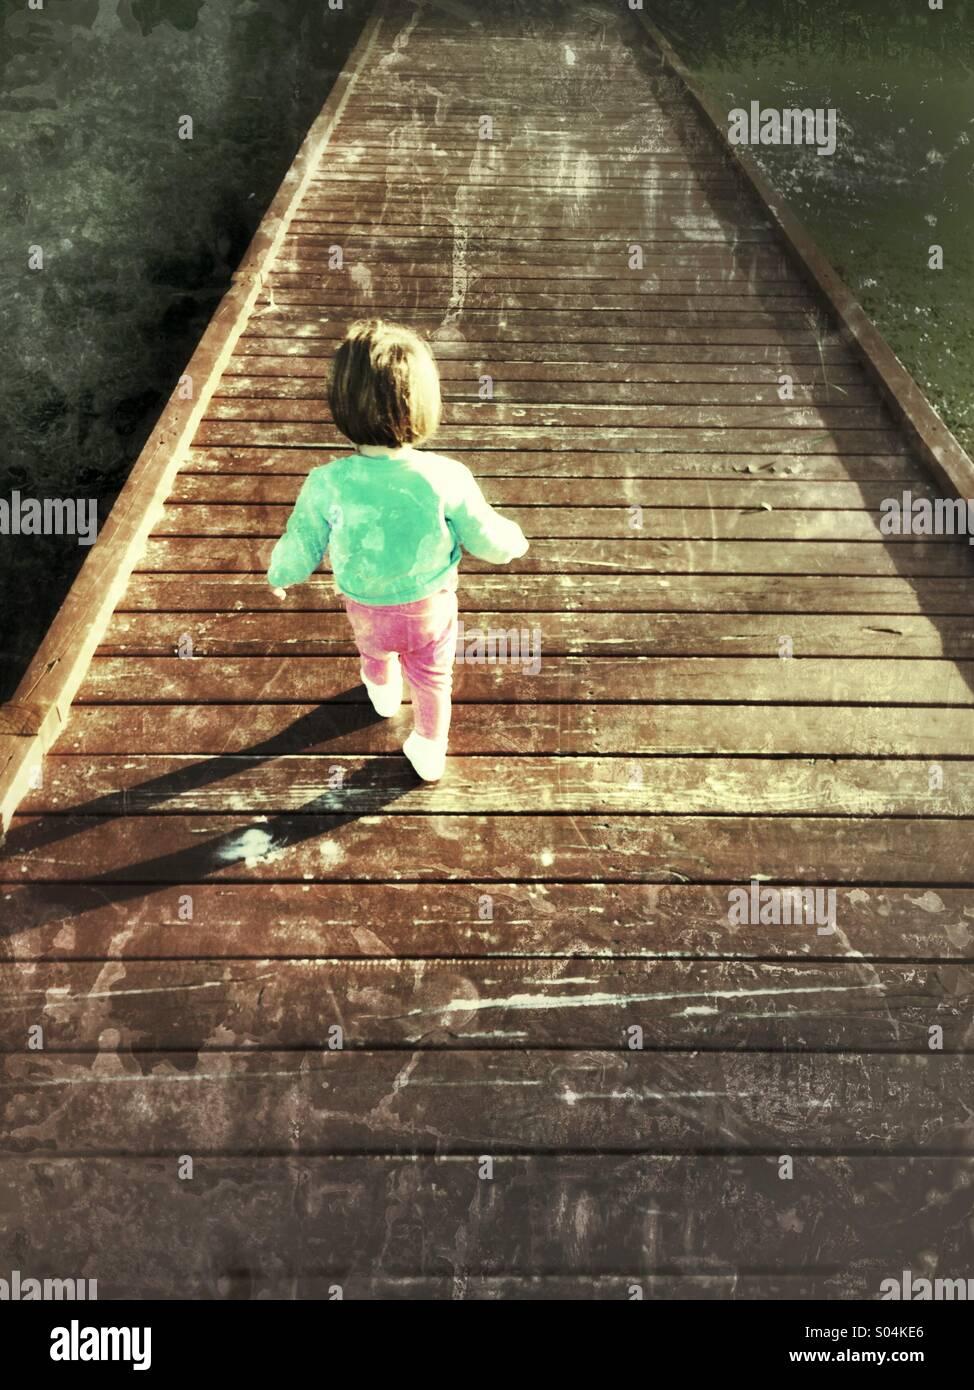 Toddler walking - Stock Image